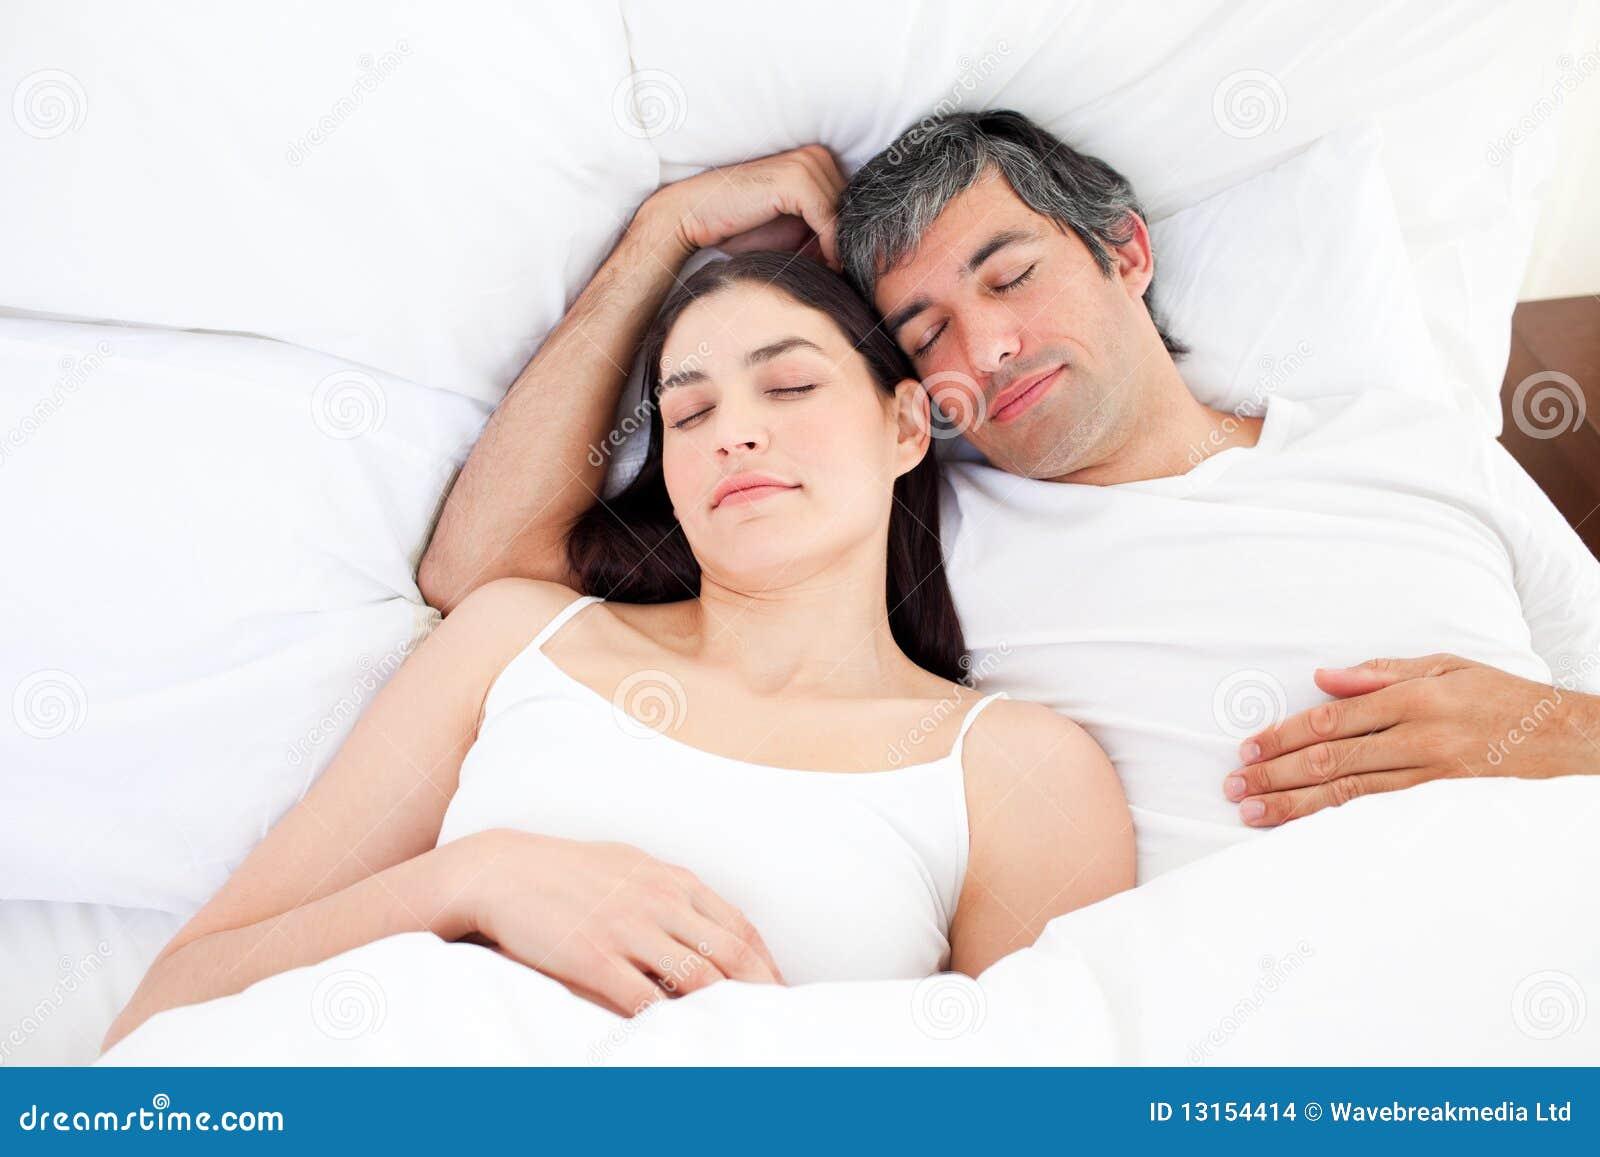 Спящая жена и подросток 20 фотография